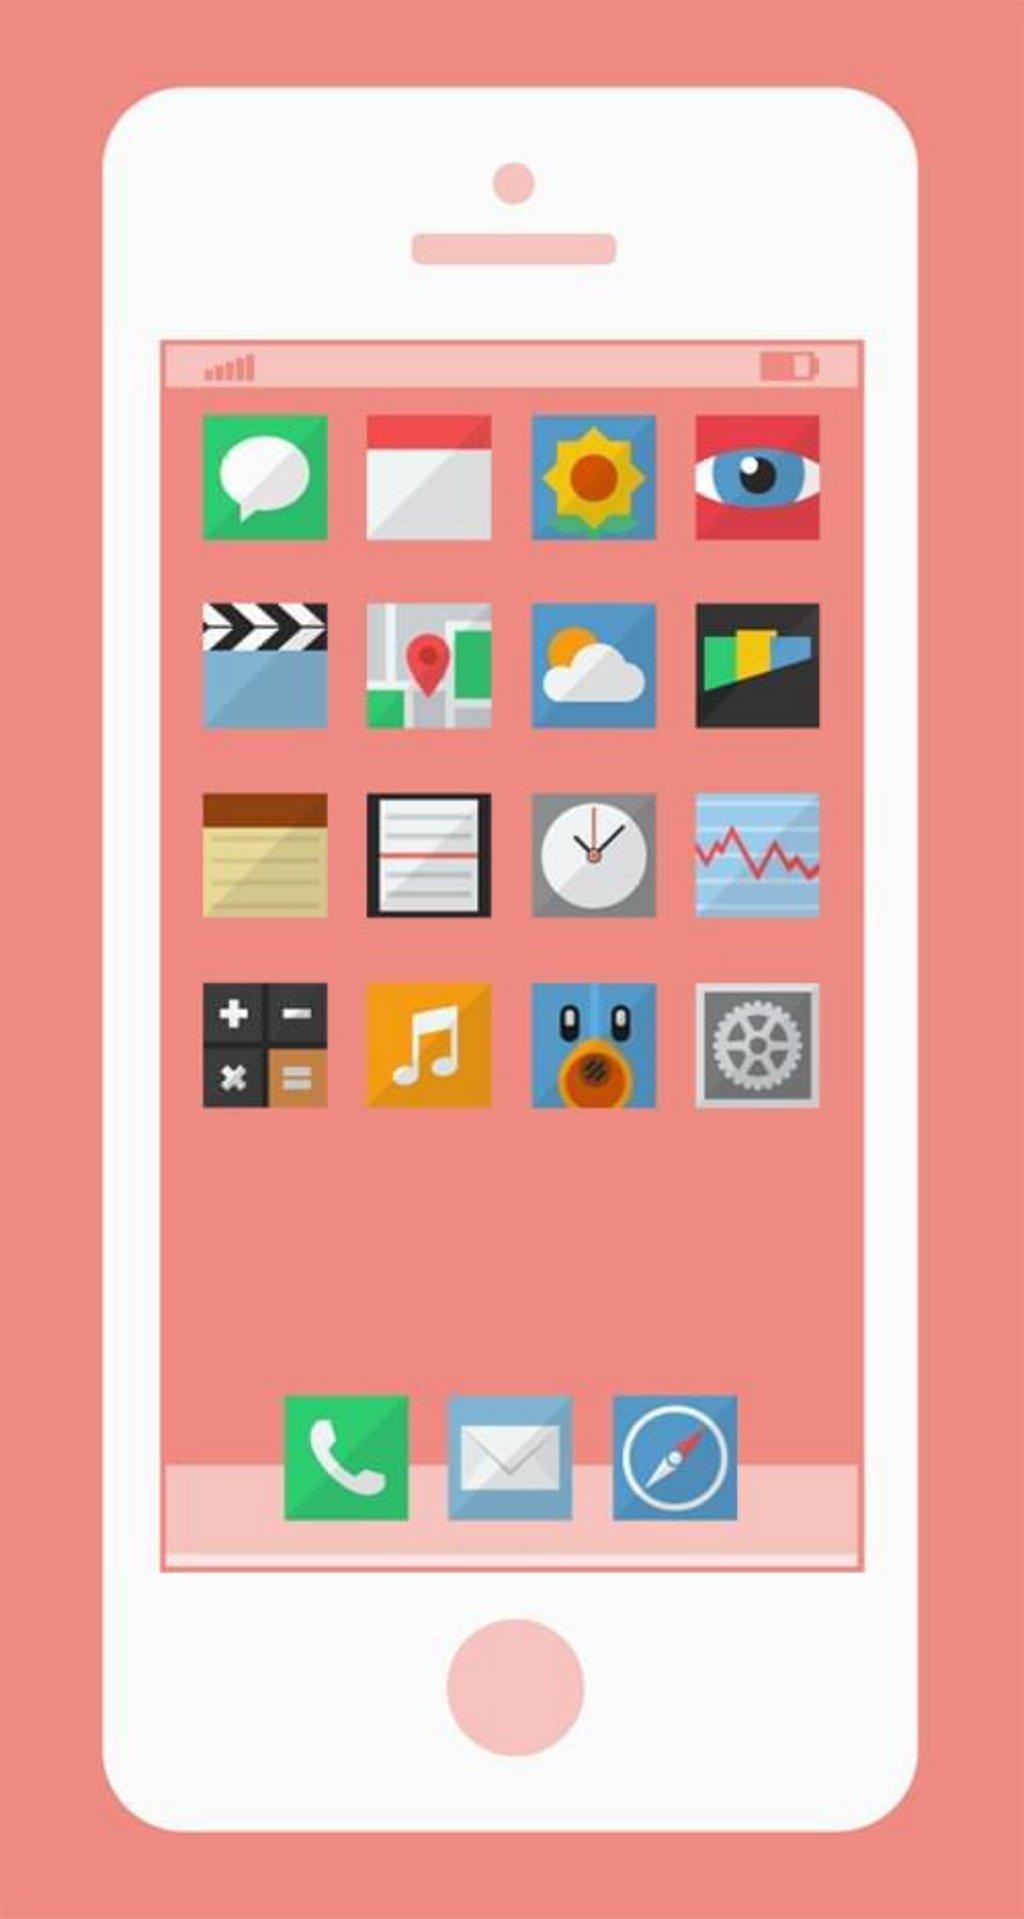 19-Icones-iOS-flat-design-par-Miguelcm